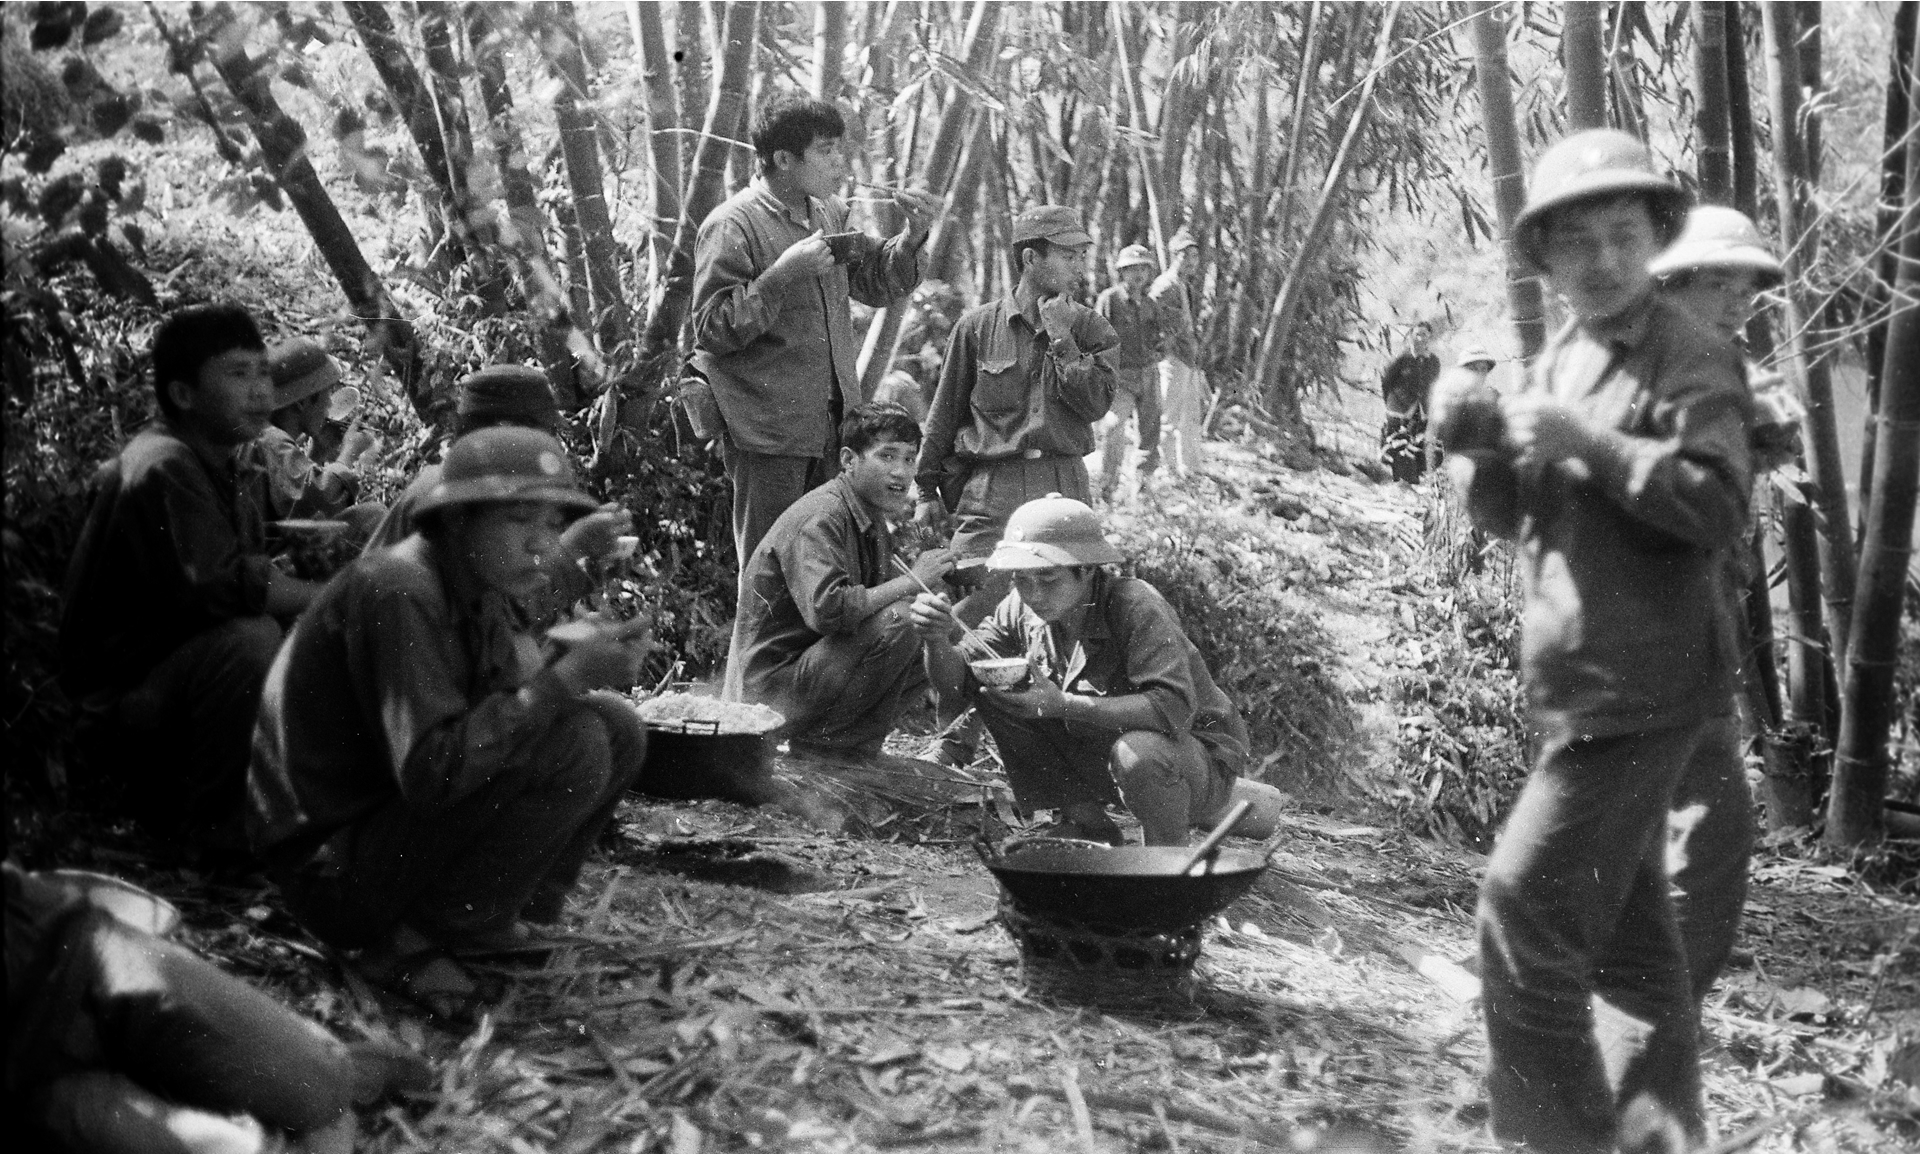 Bộ đội Việt Nam trên chiến trường biên giới, 1979.